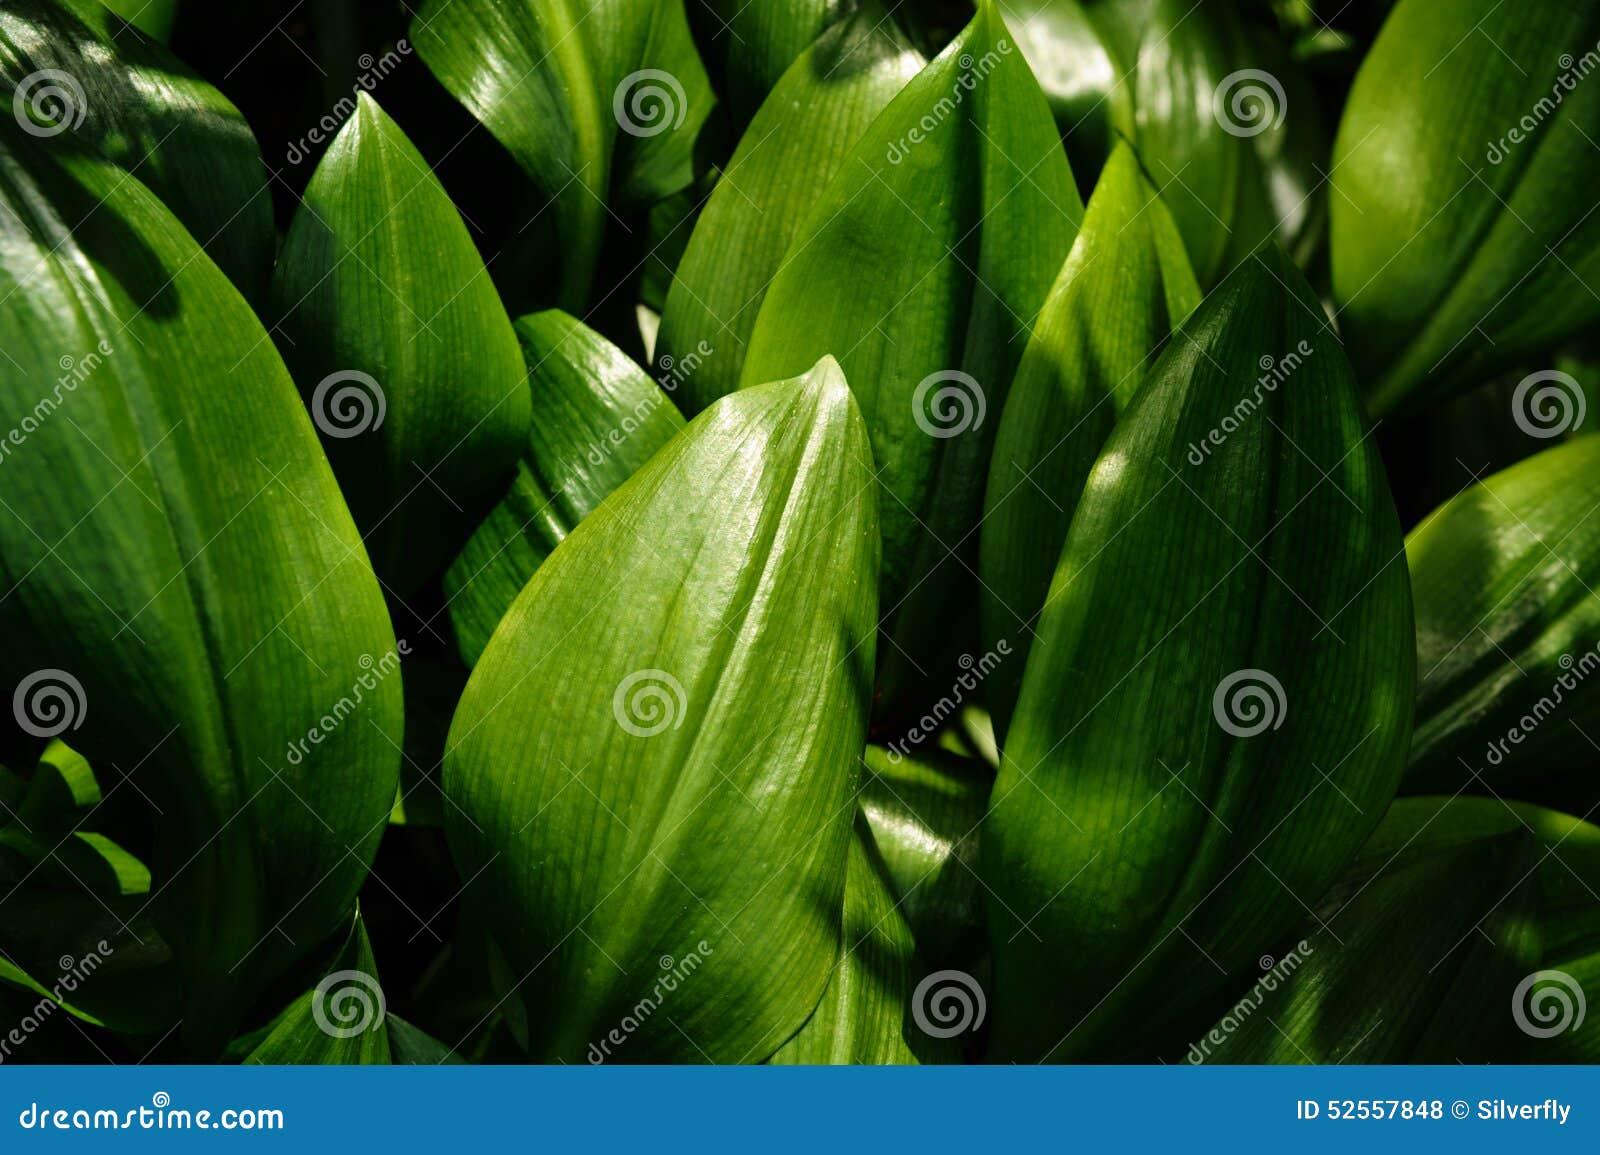 feuilles d 39 une plante tropicale photo stock image du fond lame 52557848. Black Bedroom Furniture Sets. Home Design Ideas